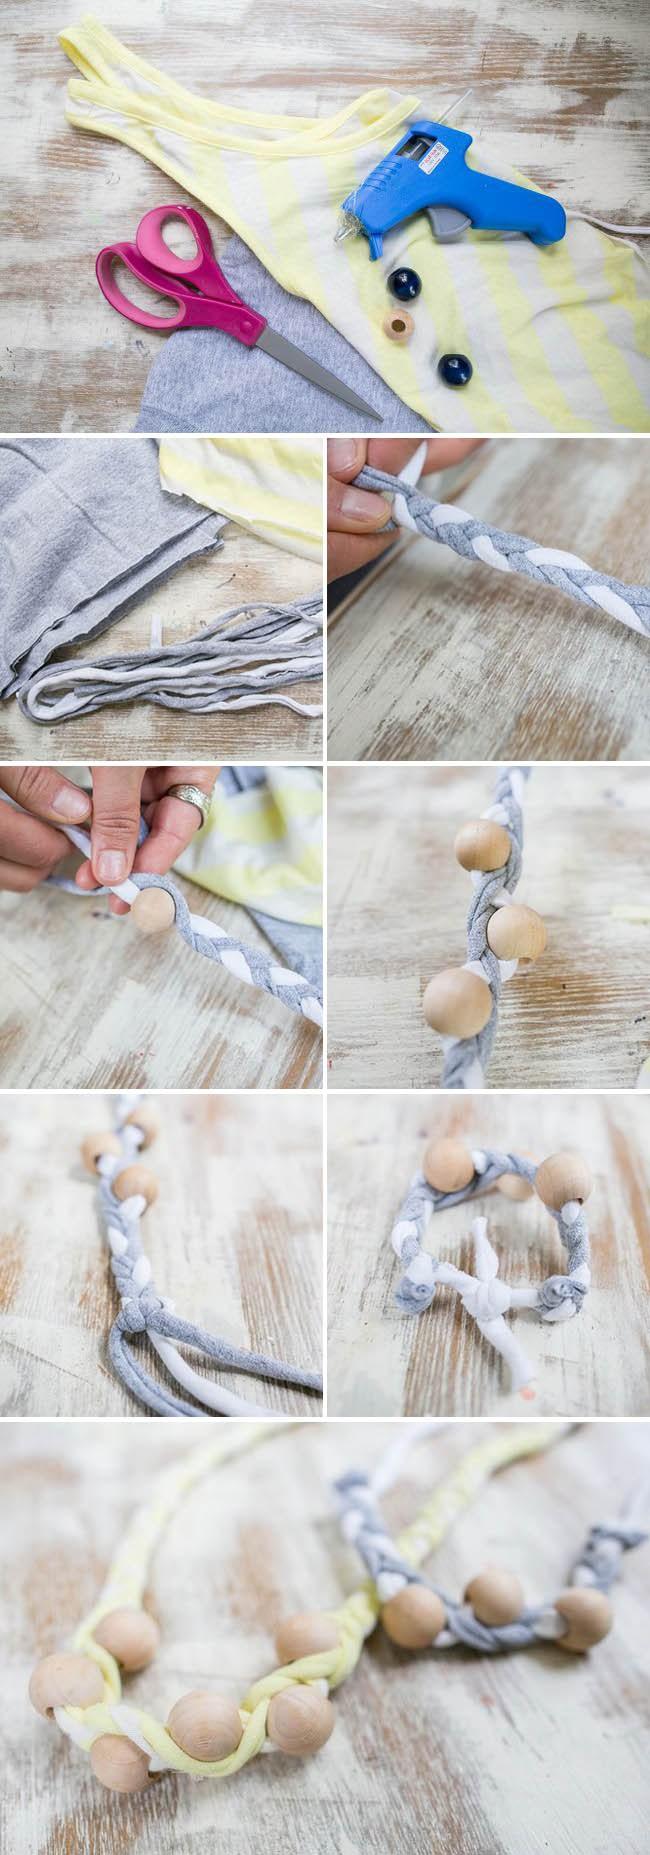 Косы с вплетением крупных деревянных бусин: украшения из ненужных футболок, пошаговая иснструкция в картинках